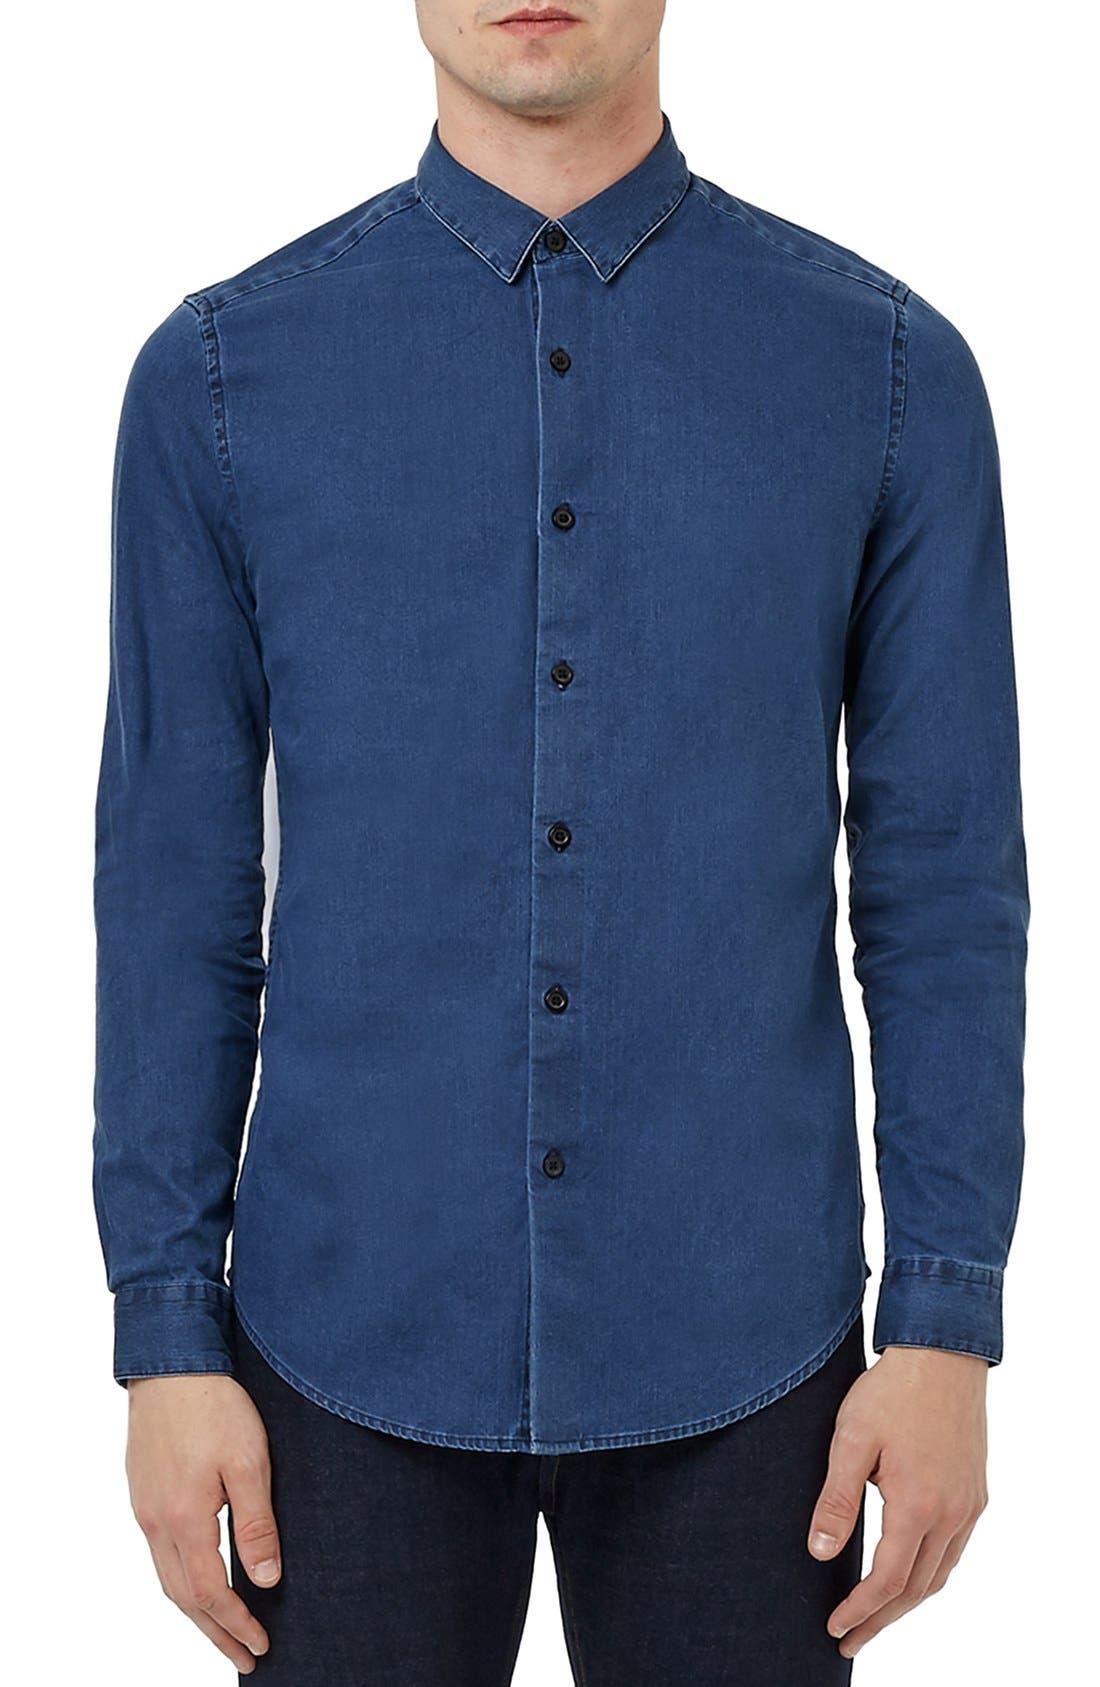 TOPMAN Denim Shirt, Main, color, 401